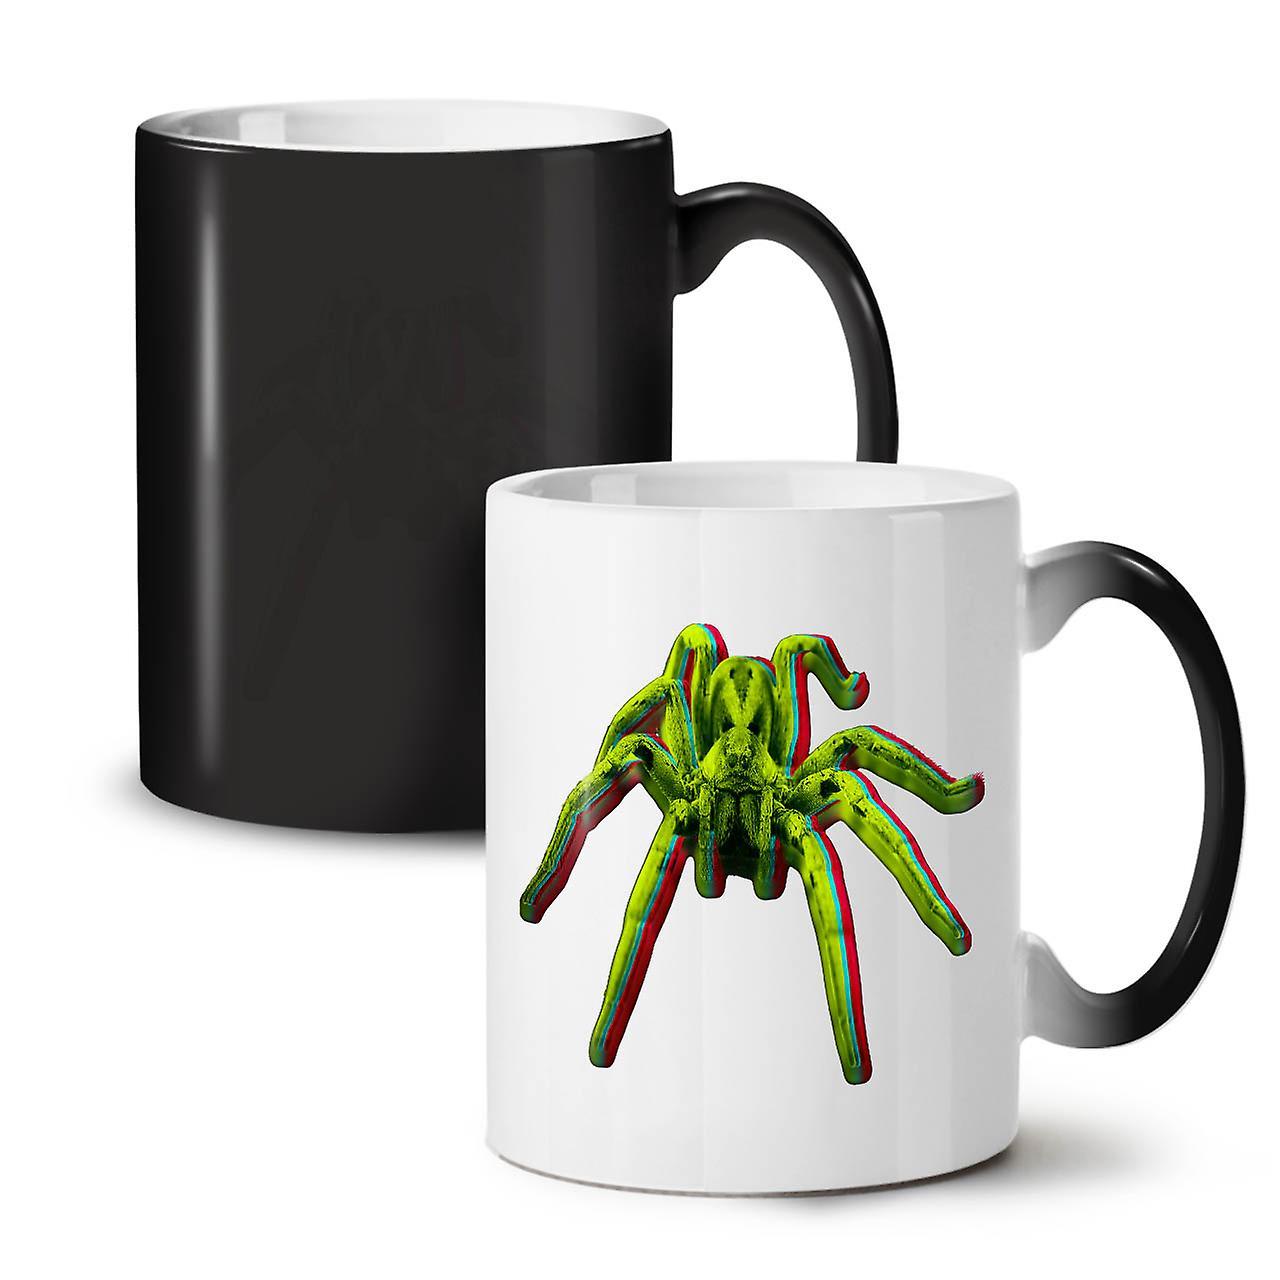 Tea Colorful Colour Extazy 11 Black Ceramic New Changing OzWellcoda Coffee Mug w0OXnP8k